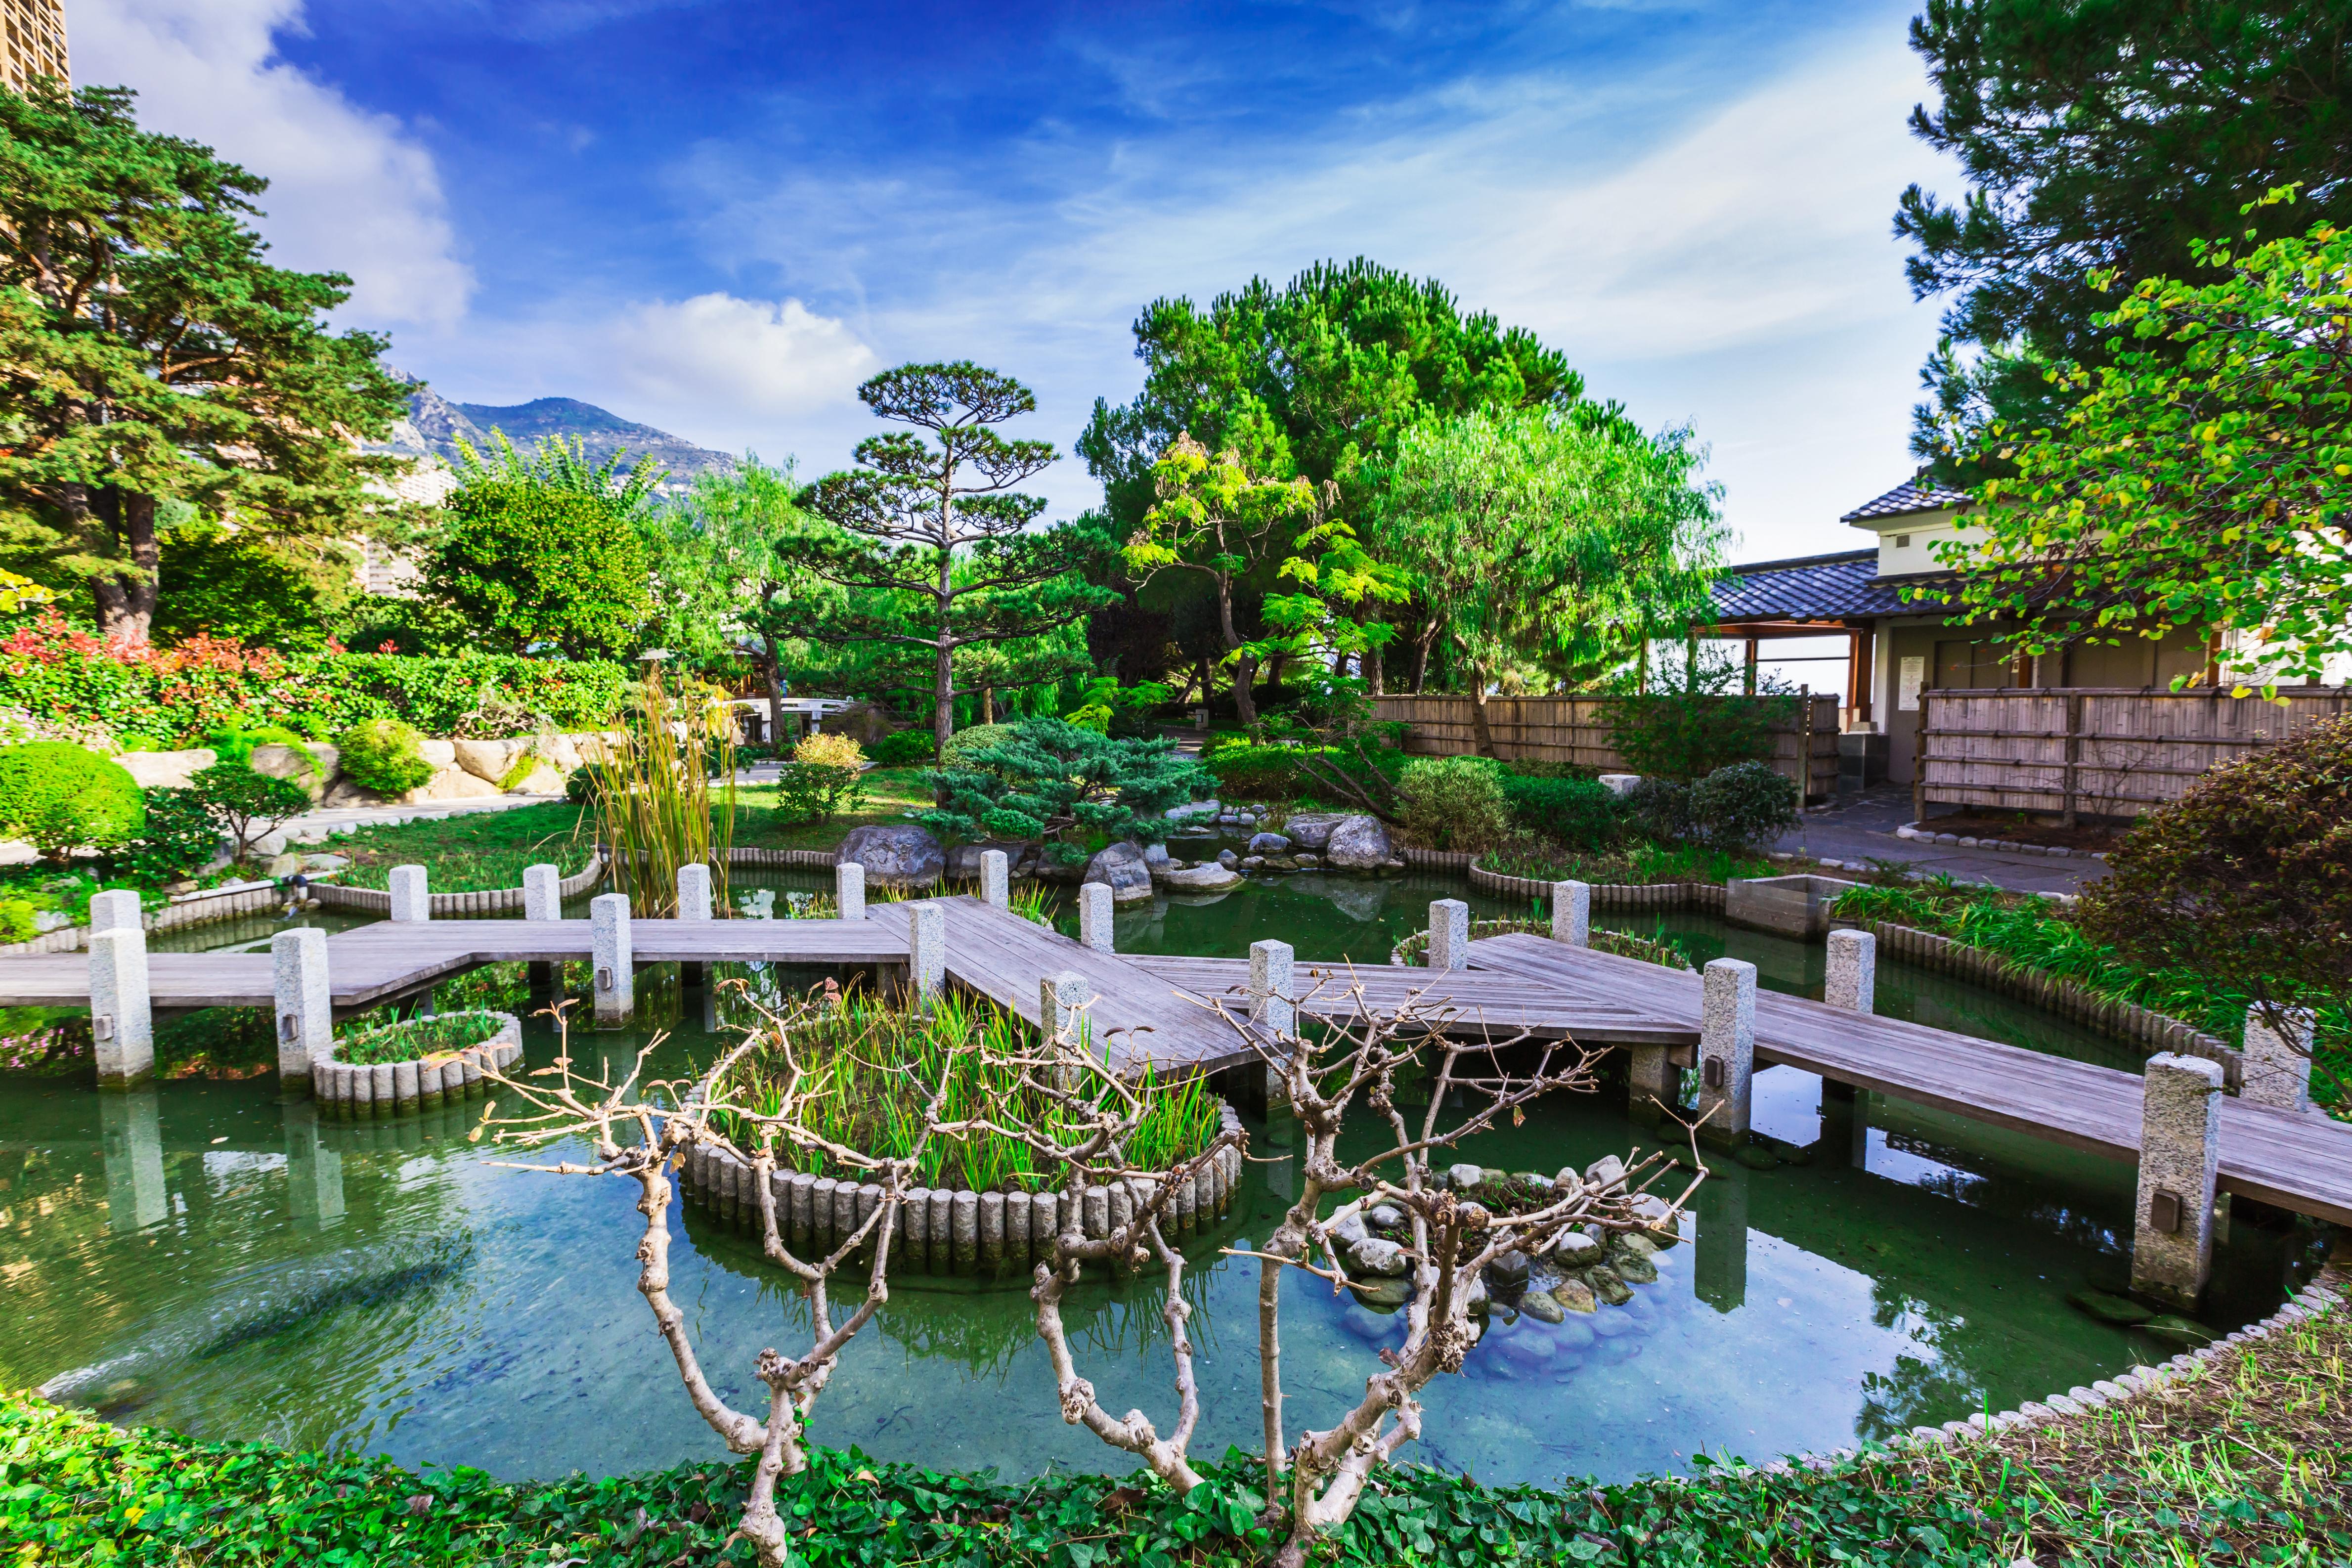 Previous Next. The Gardens. The Japanese Garden